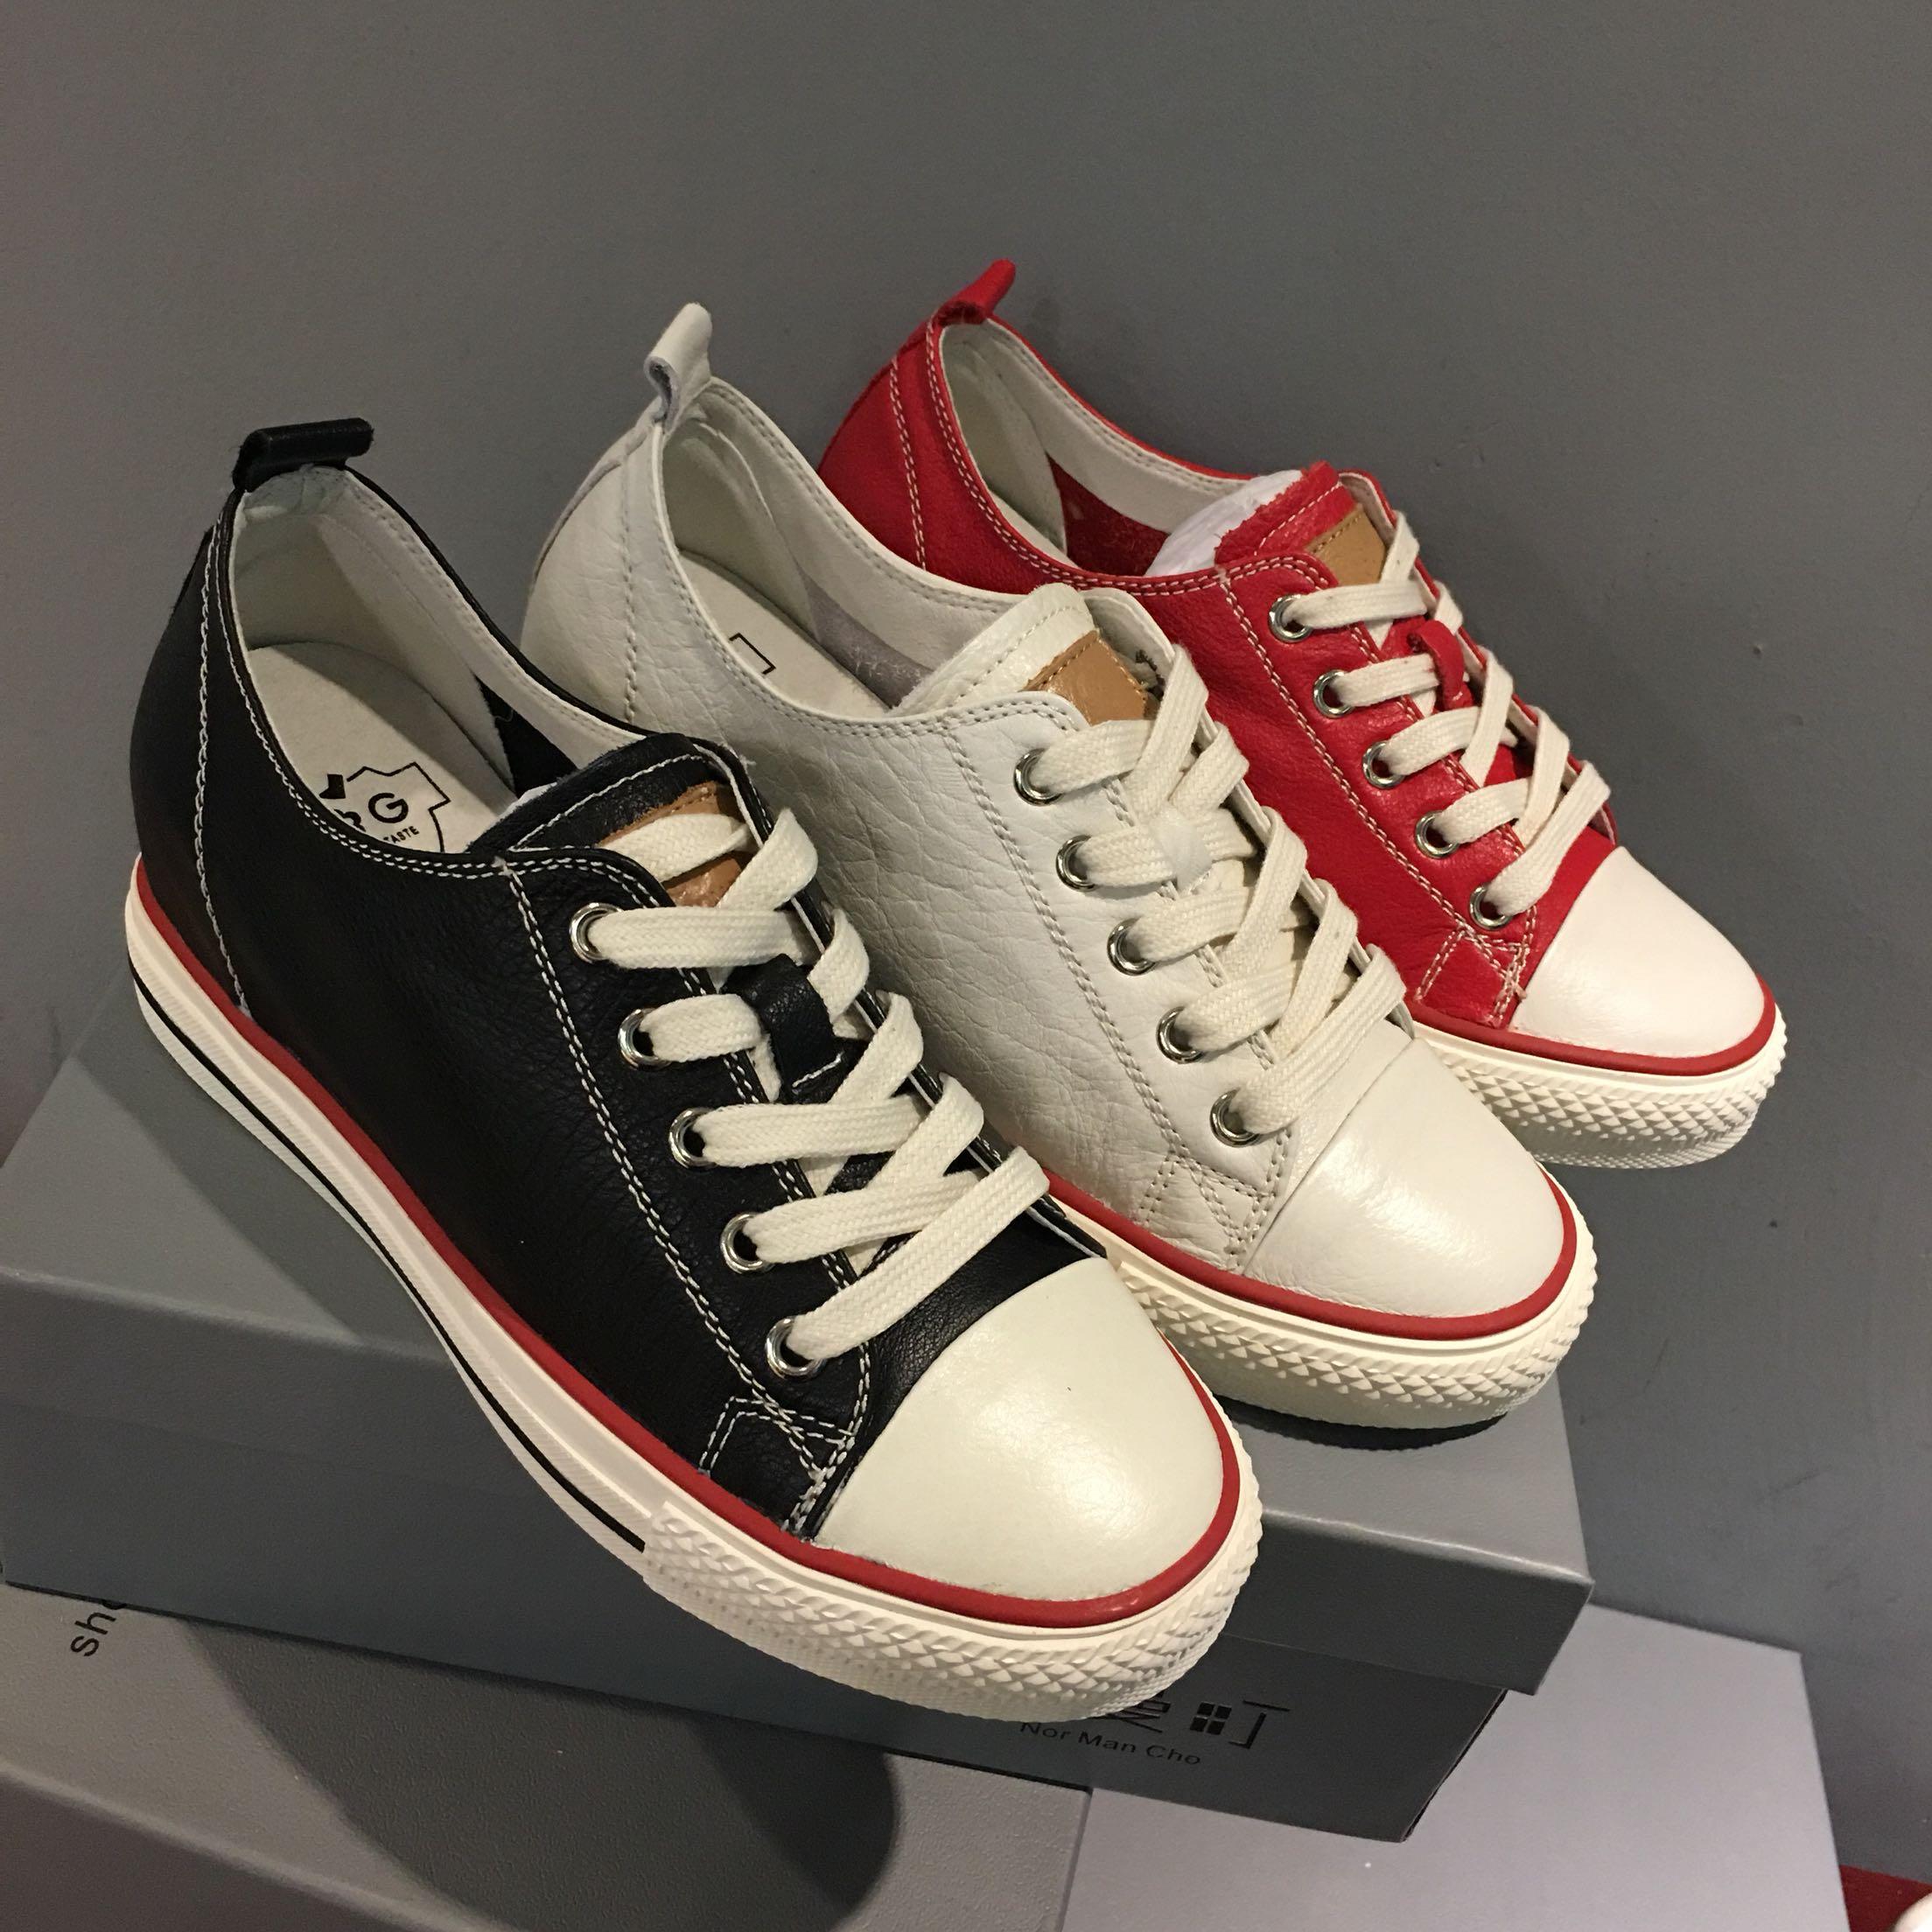 IG女鞋5068-1尾货清仓处理圆头系带内增高坡跟女鞋休闲鞋板鞋单鞋